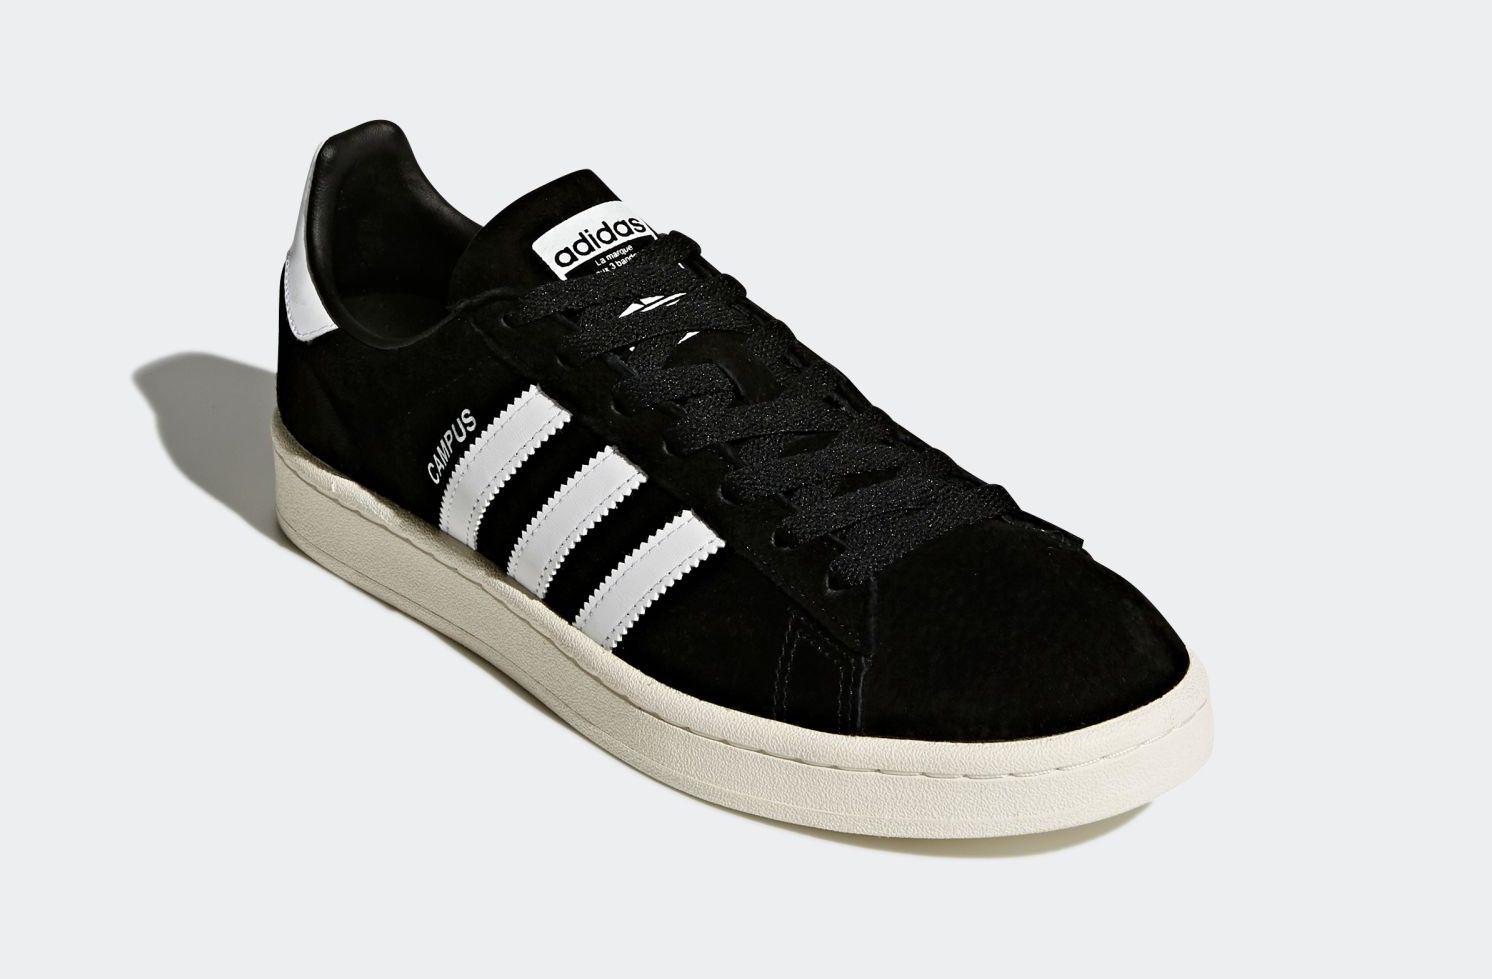 【前提】アディダスのキャンパスのデフォルト(純正)の靴紐について